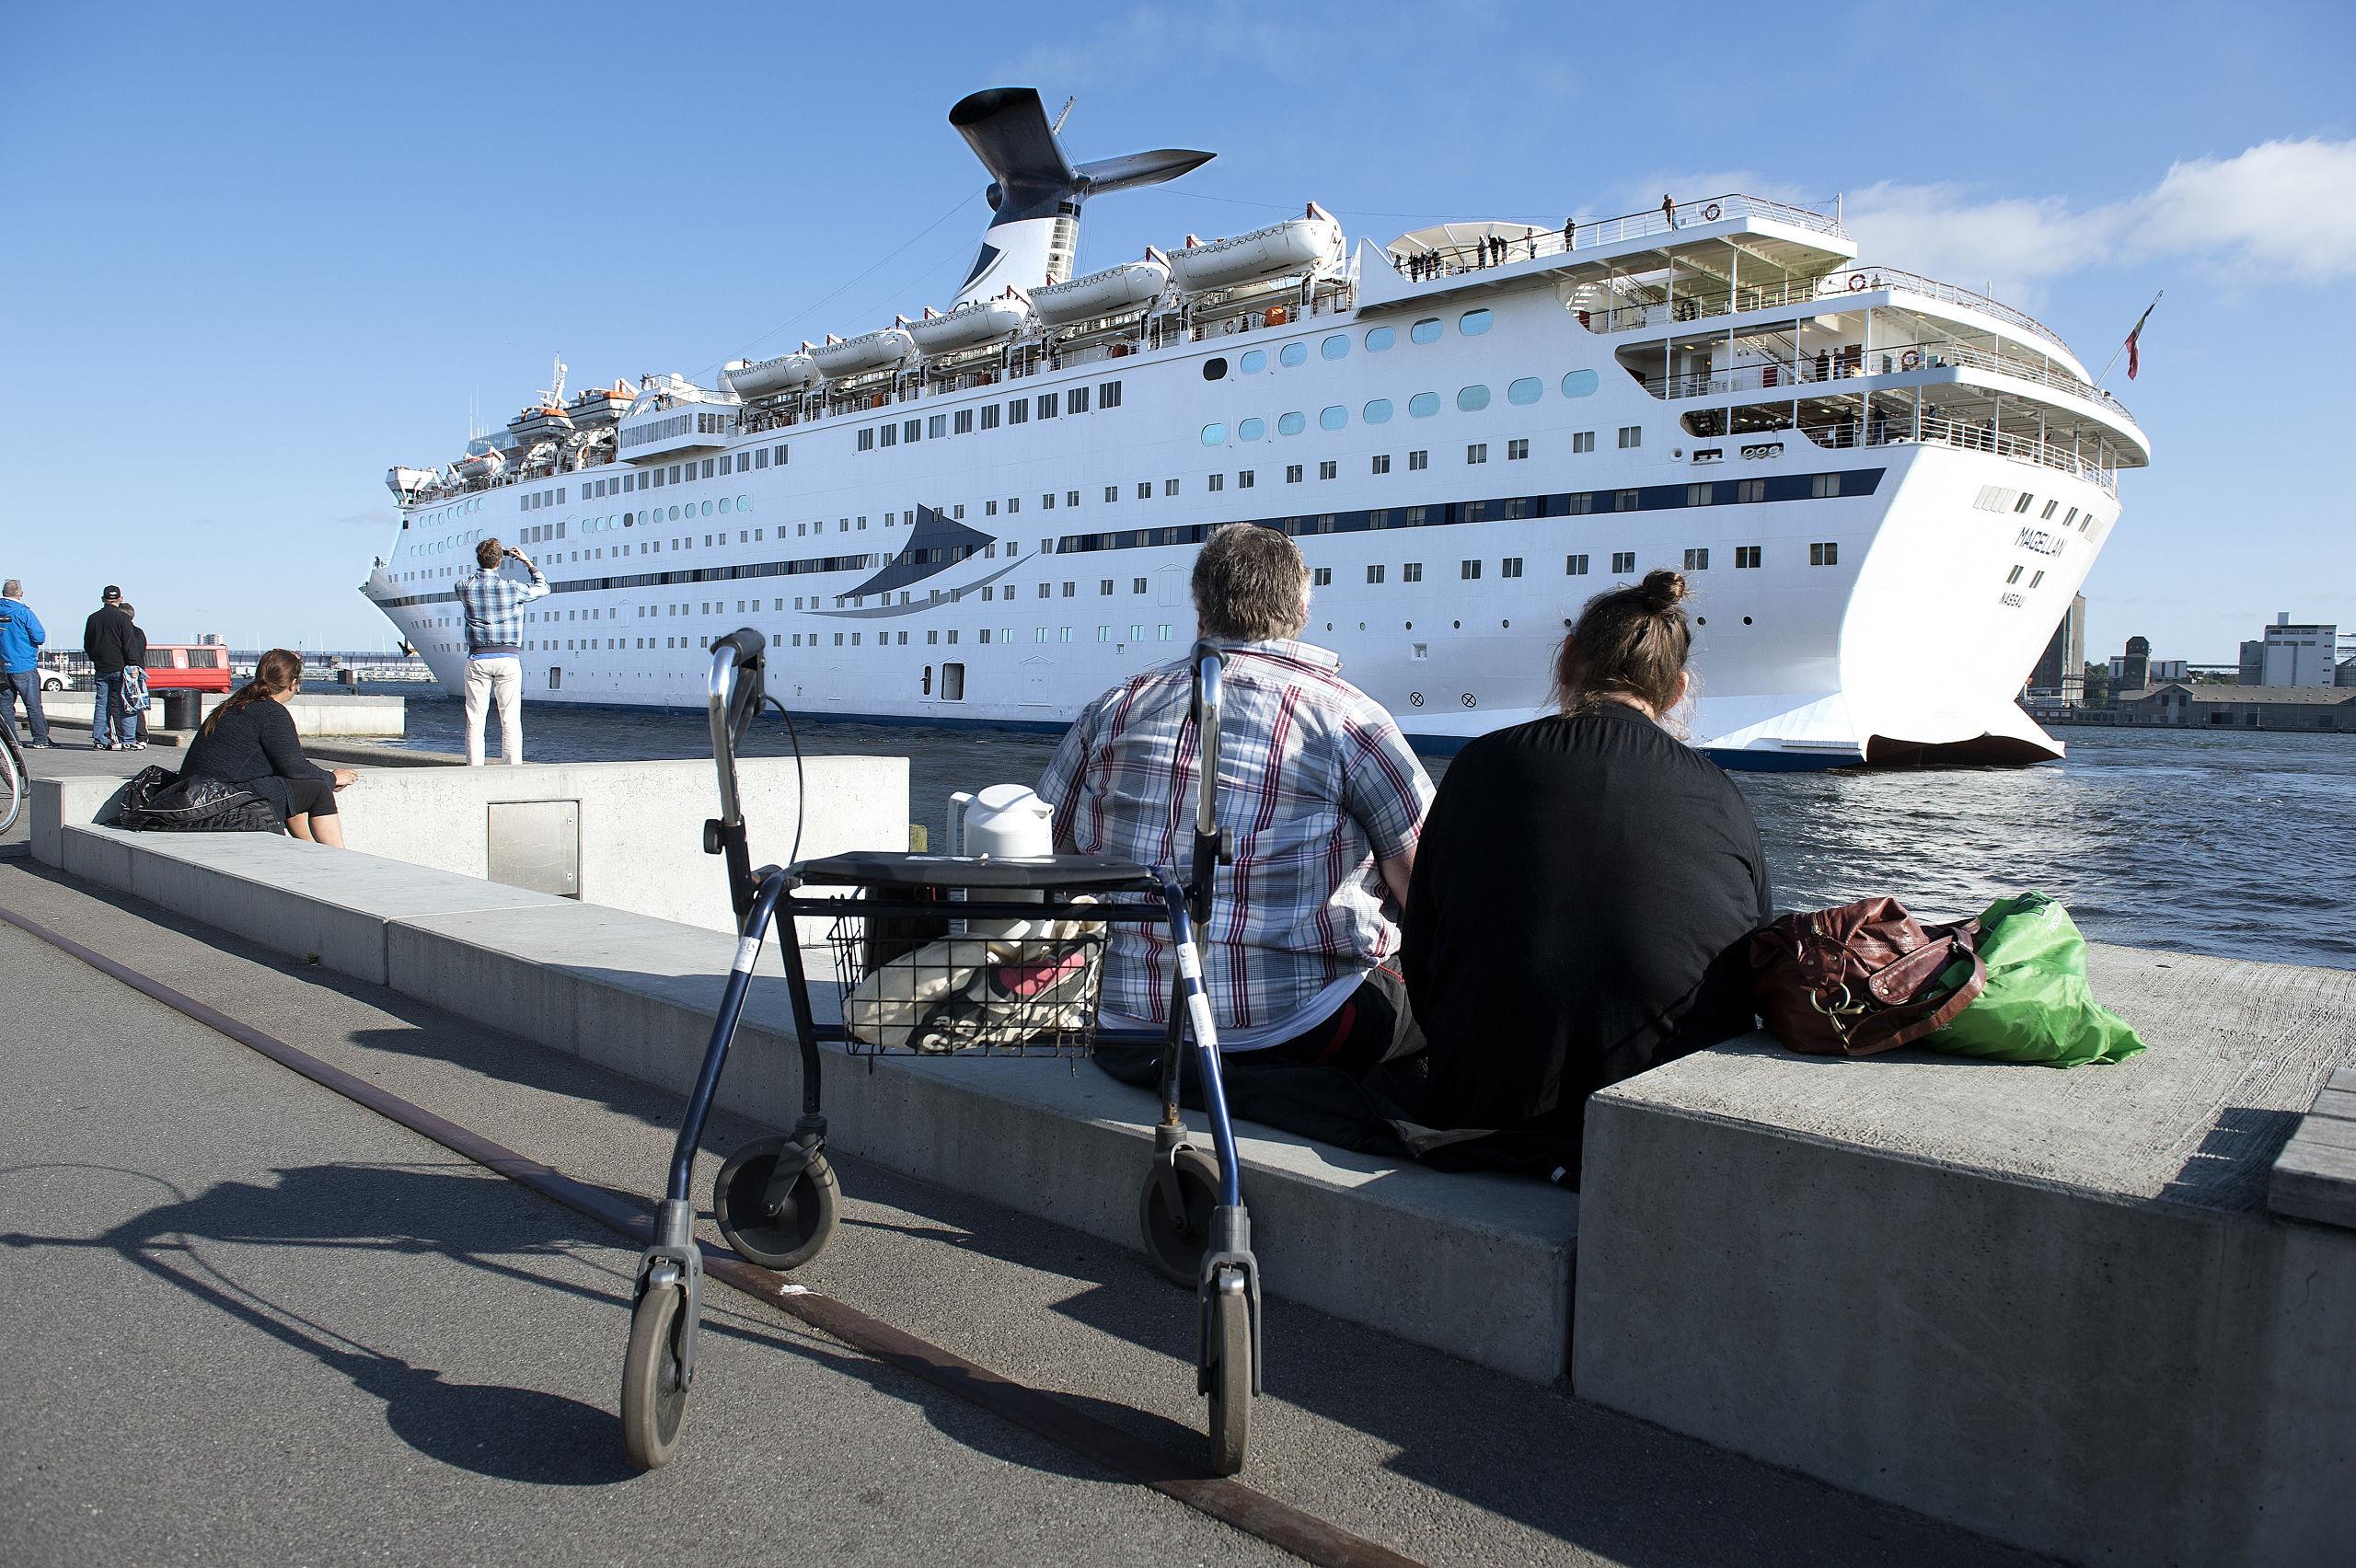 Krydstogtskibe har altid et stort og nysgerrigt publikum på landjorden, når de er i gang med at manøvrere sig på plads i Aalborg Havn. Og 'Magellan' er med sin størrelse og ynde en rigtig publikumsmagnet. Arkivfoto: Torben Hansen